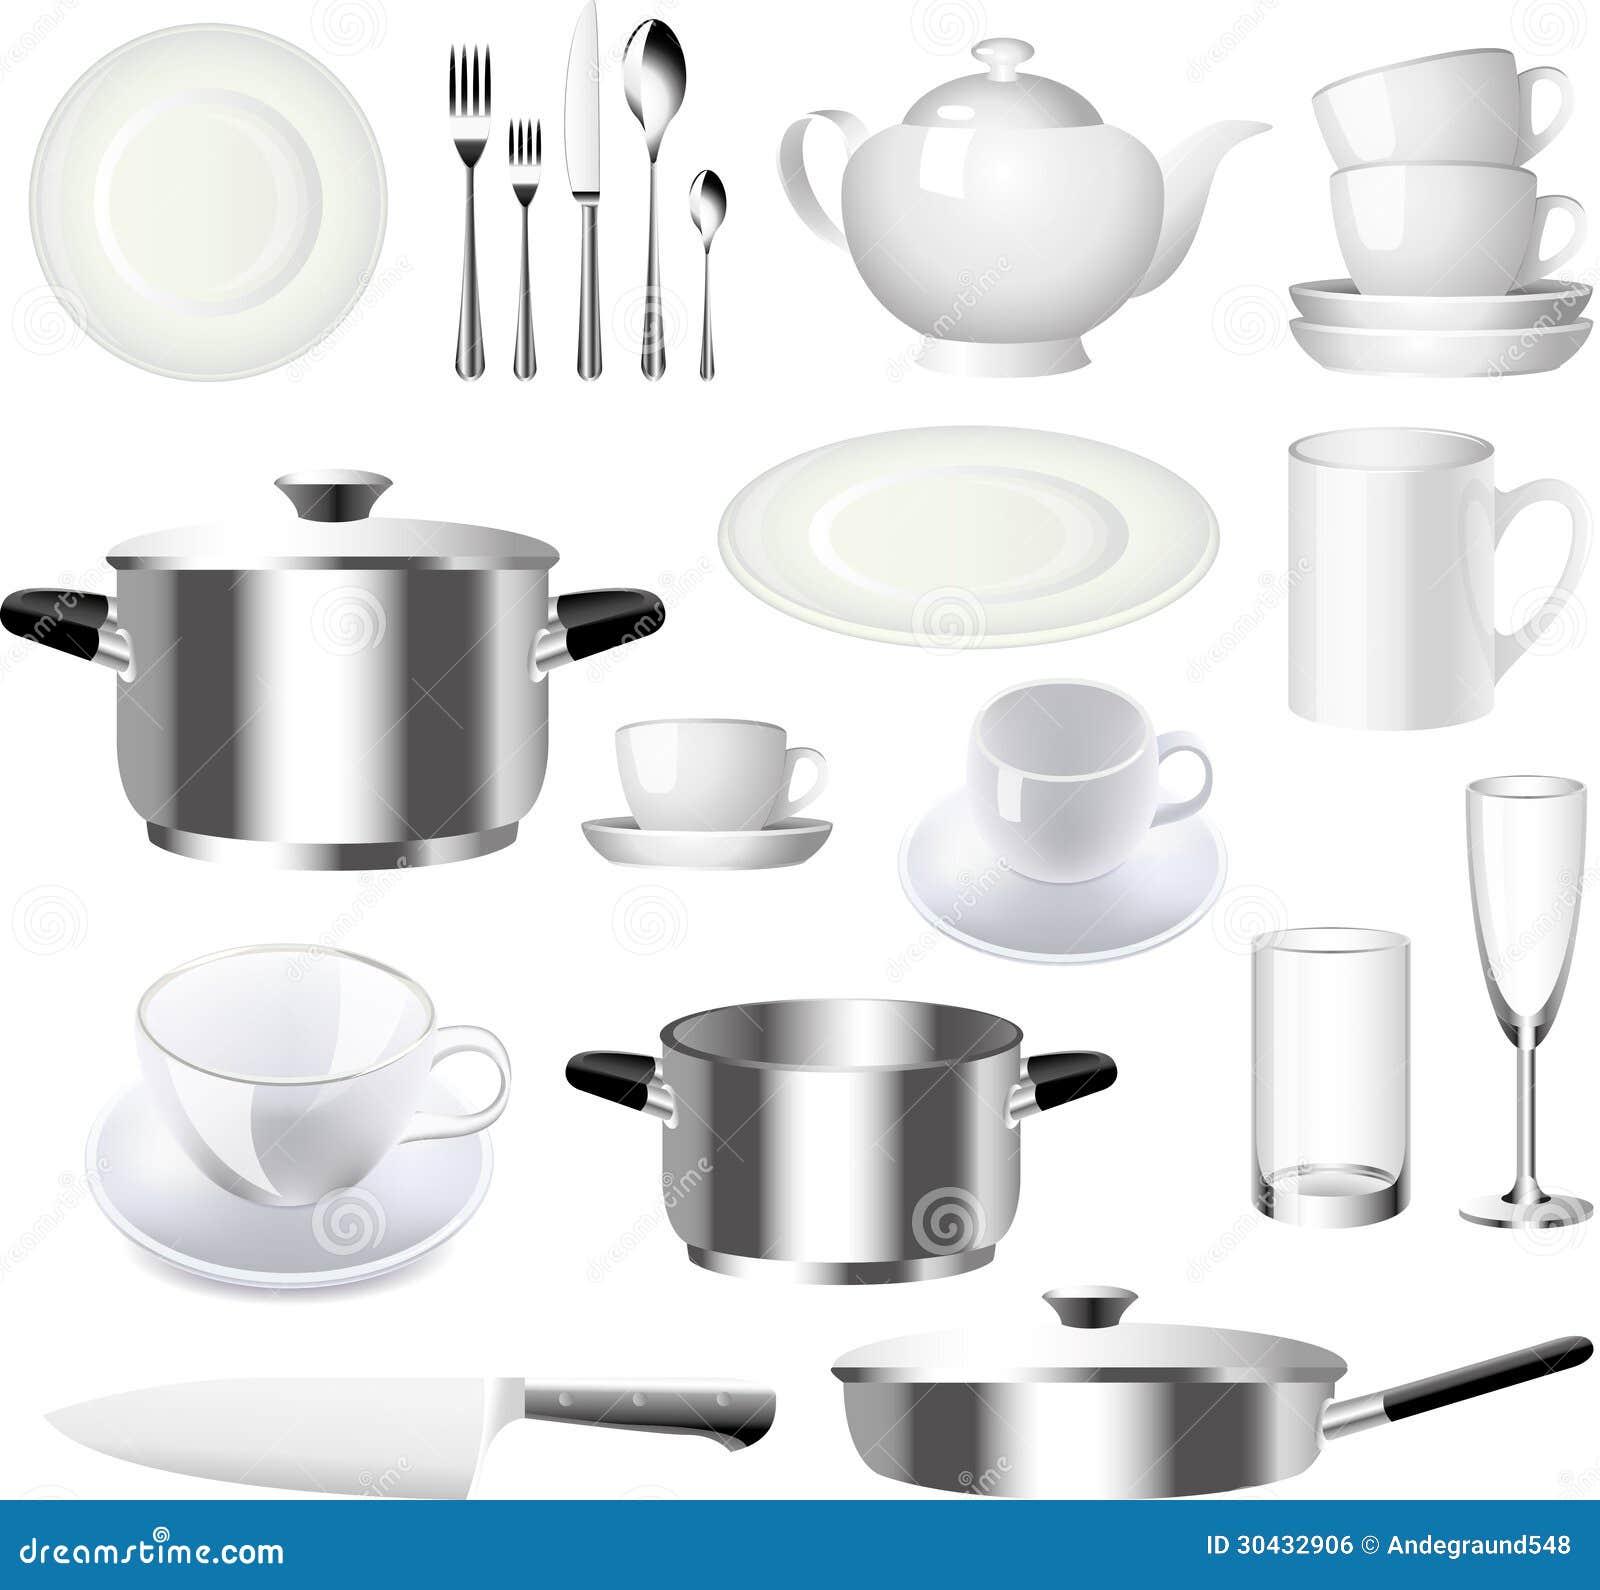 Kitchen Crockery Set